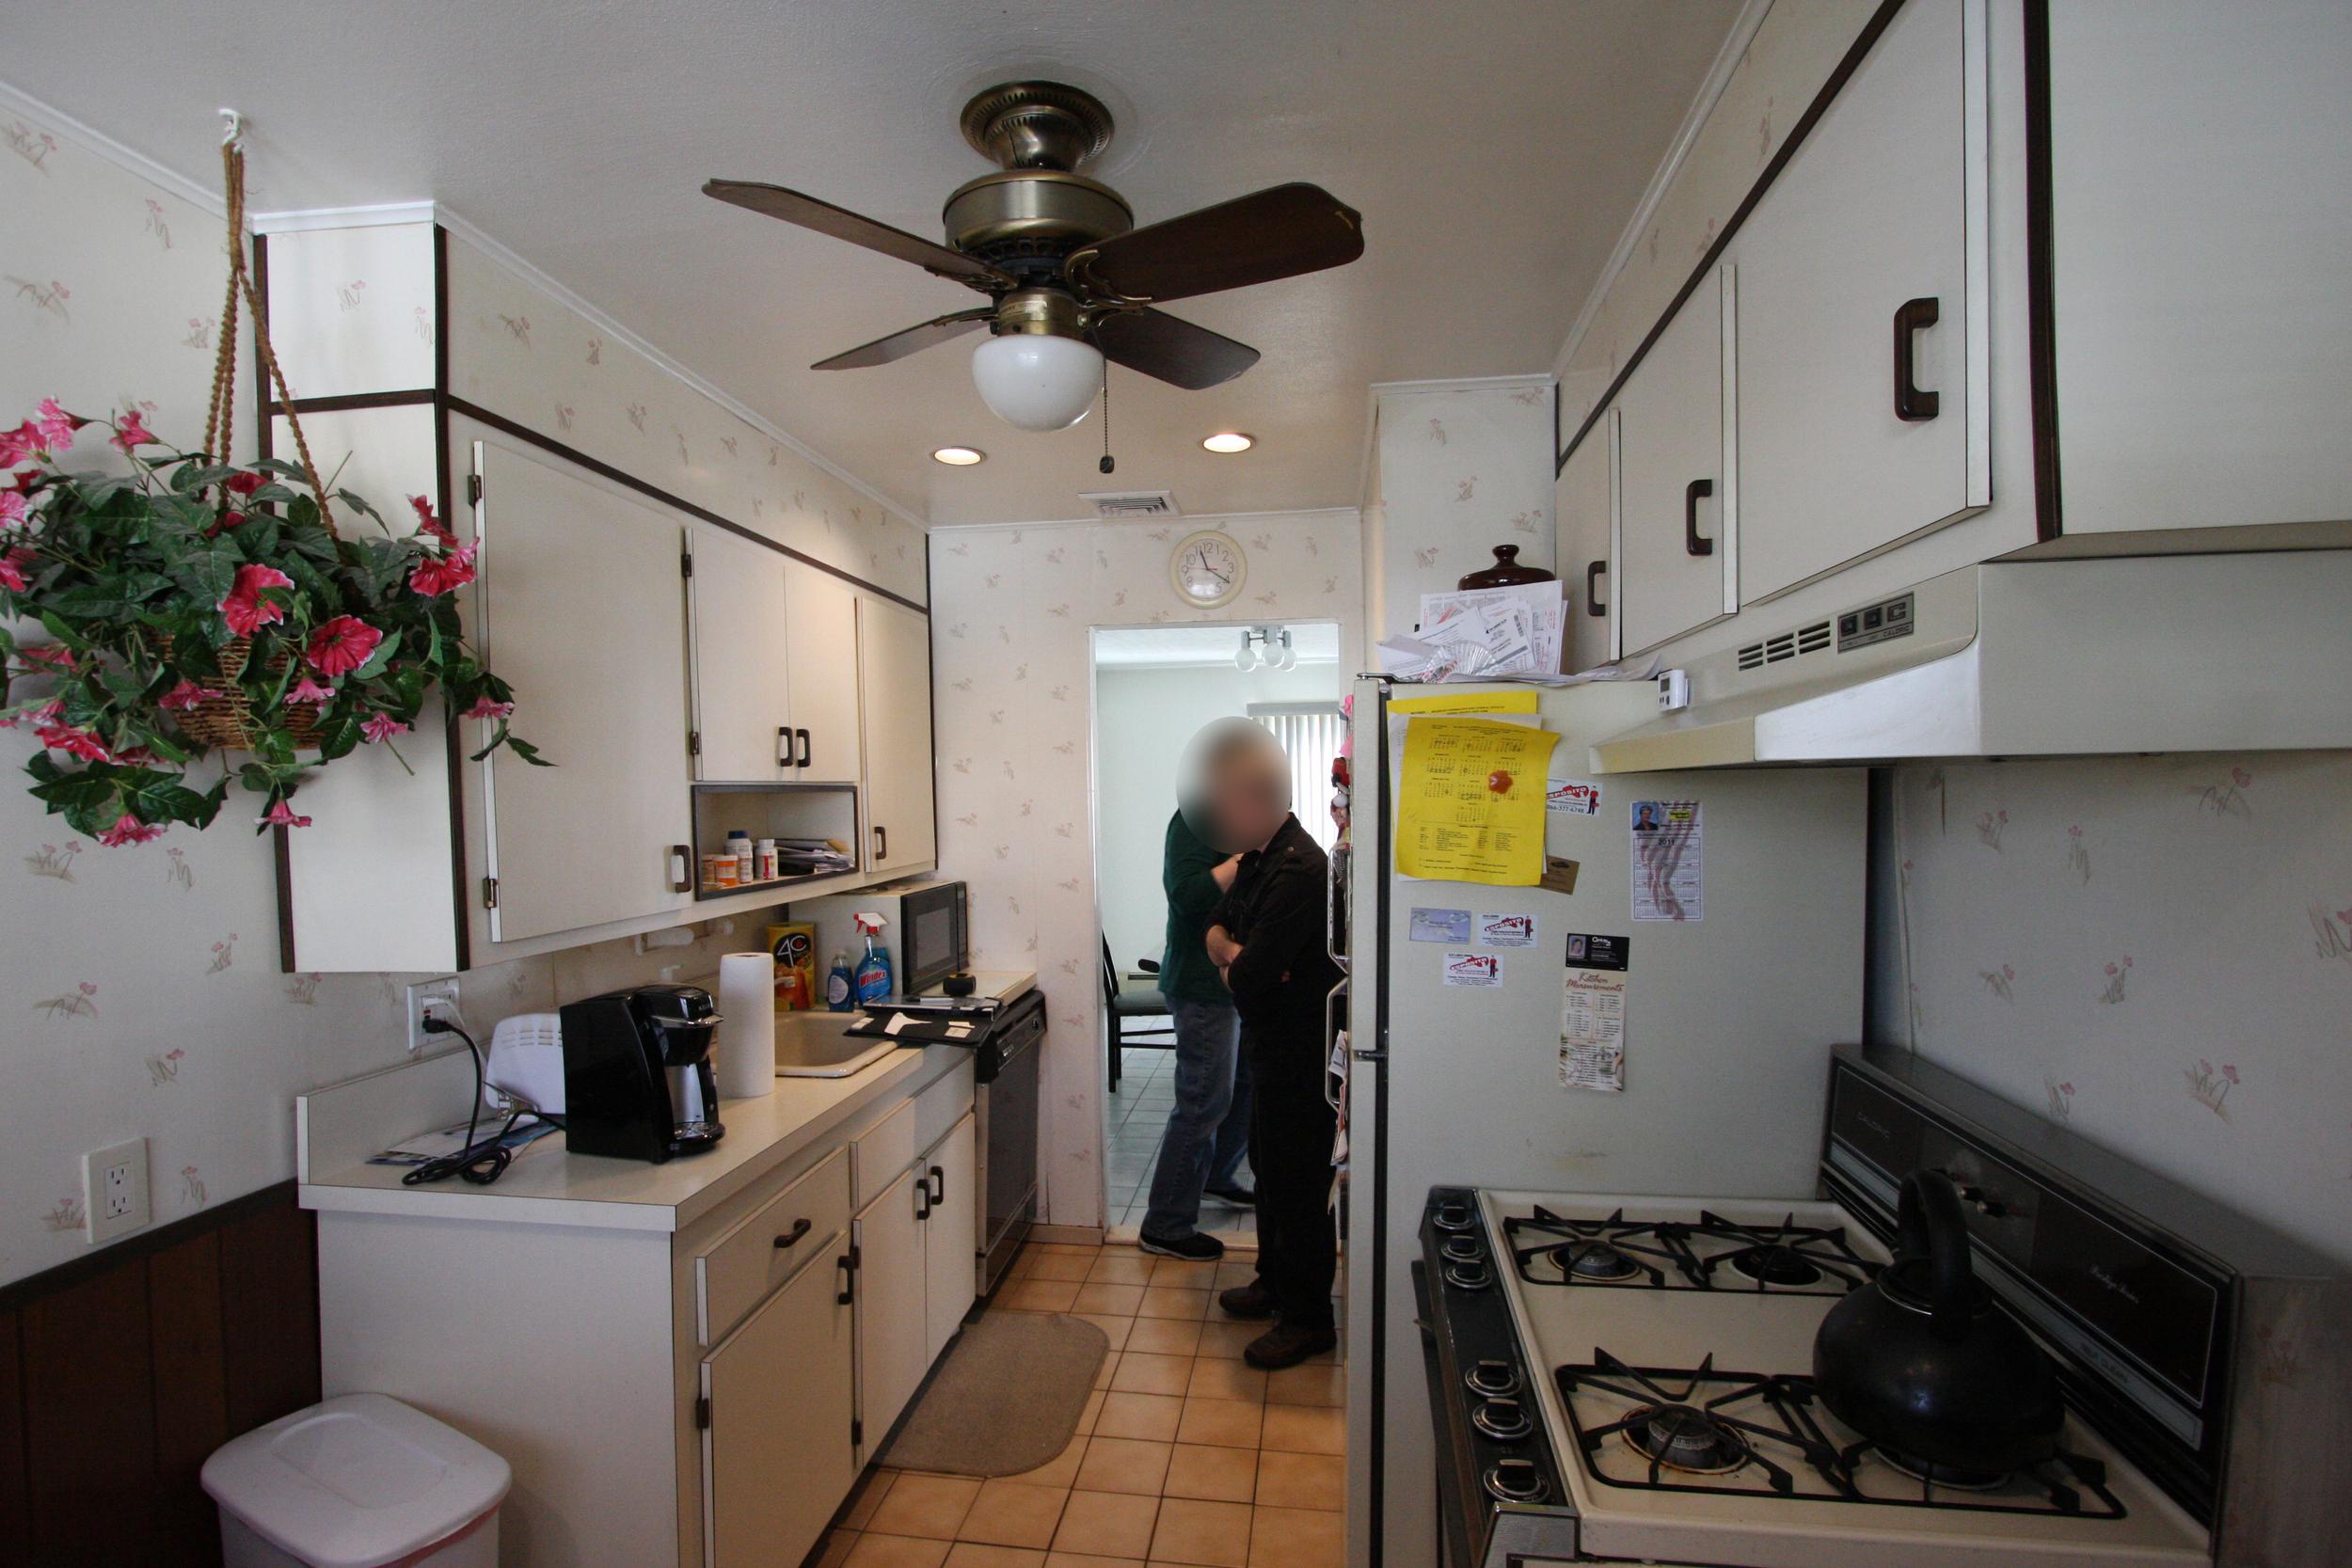 Masterson kitchen 2-17-11 023.jpg